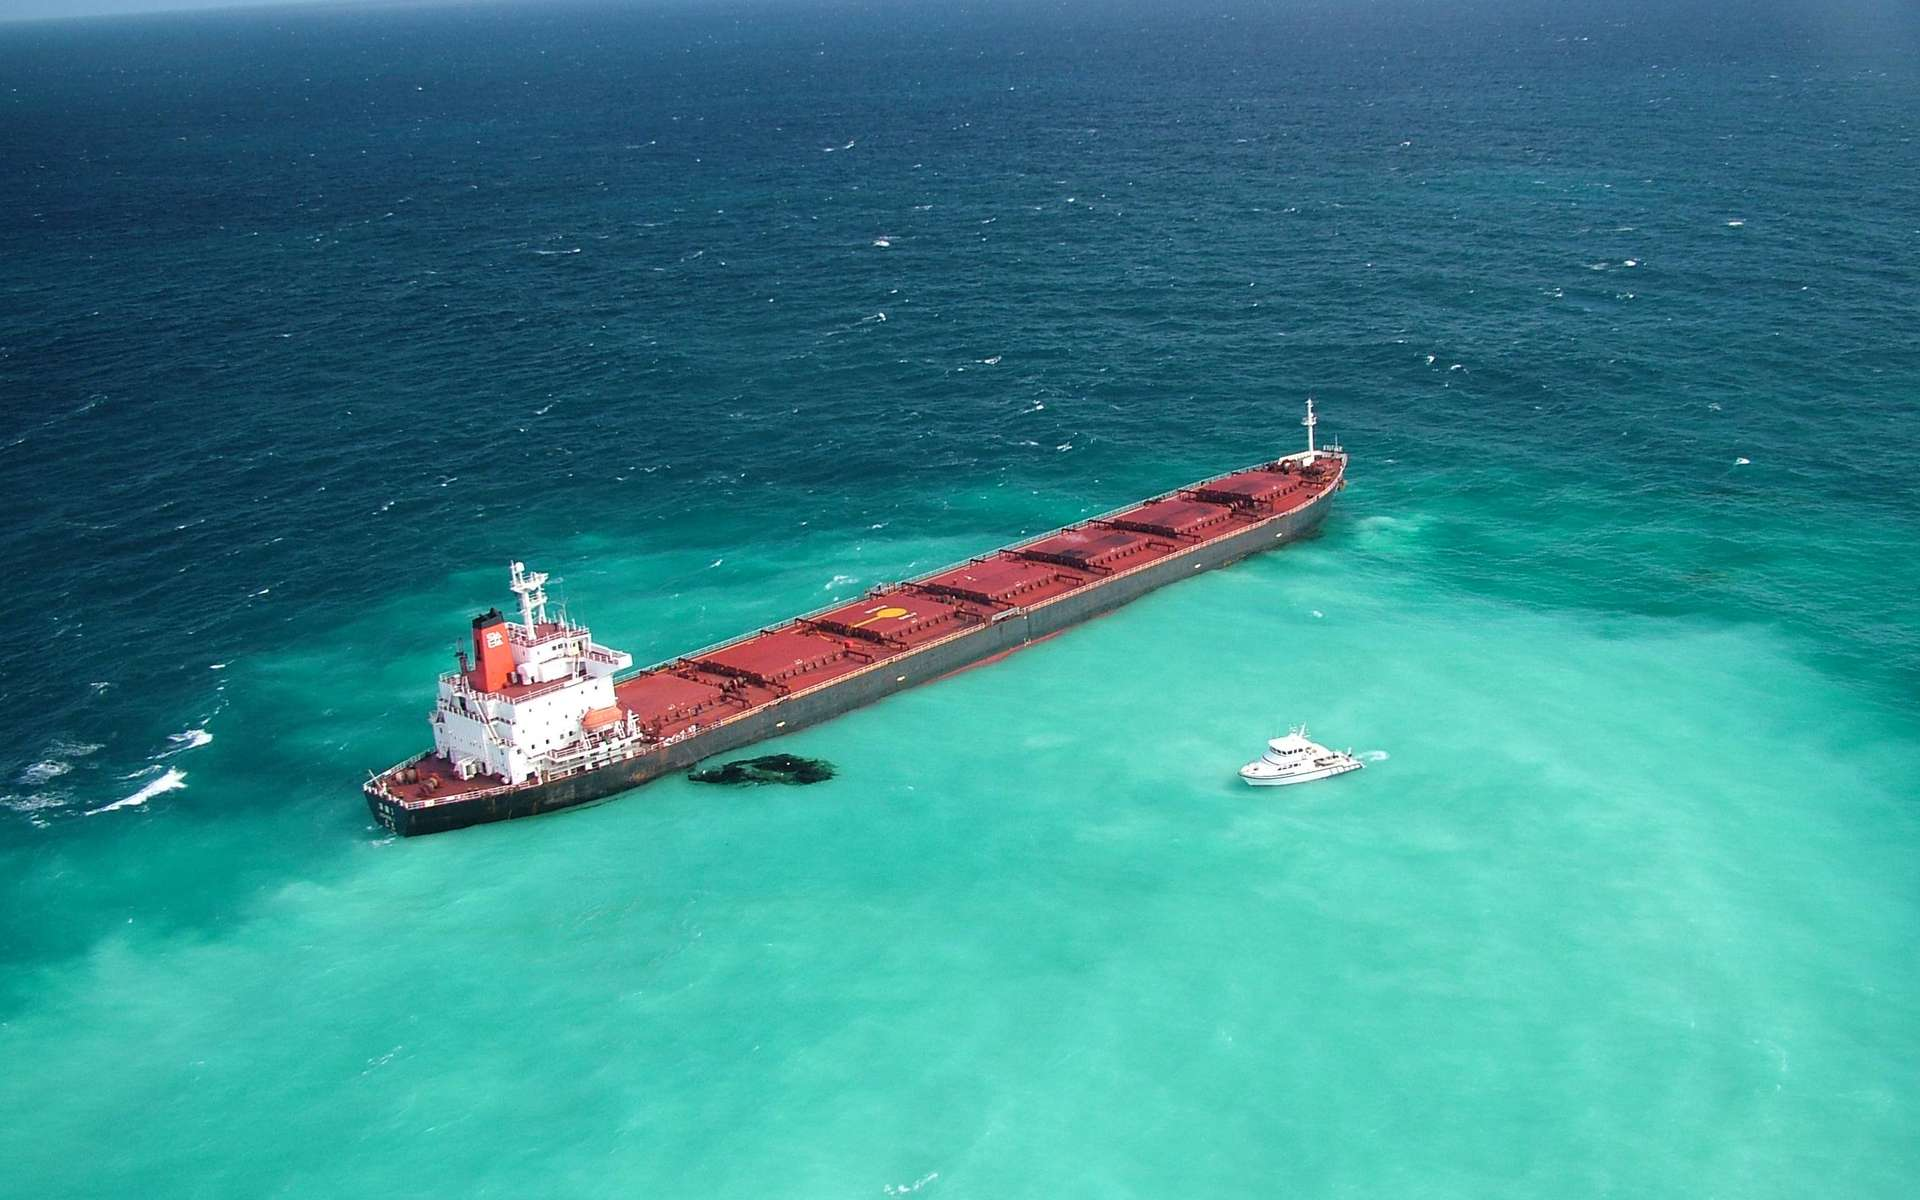 La situation telle qu'elle était dimanche : le navire chinois qui transporte 65.000 tonnes de charbon à destination de la Chine est échoué sur un récif et du fioul lourd s'échappe d'une fissure de la coque. Les moteurs et le gouvernail du navire sont sérieusement endommagés et les autorités tentent de stabiliser l'épave avant que la coque ne se rompe. © Maritime Safety Queensland